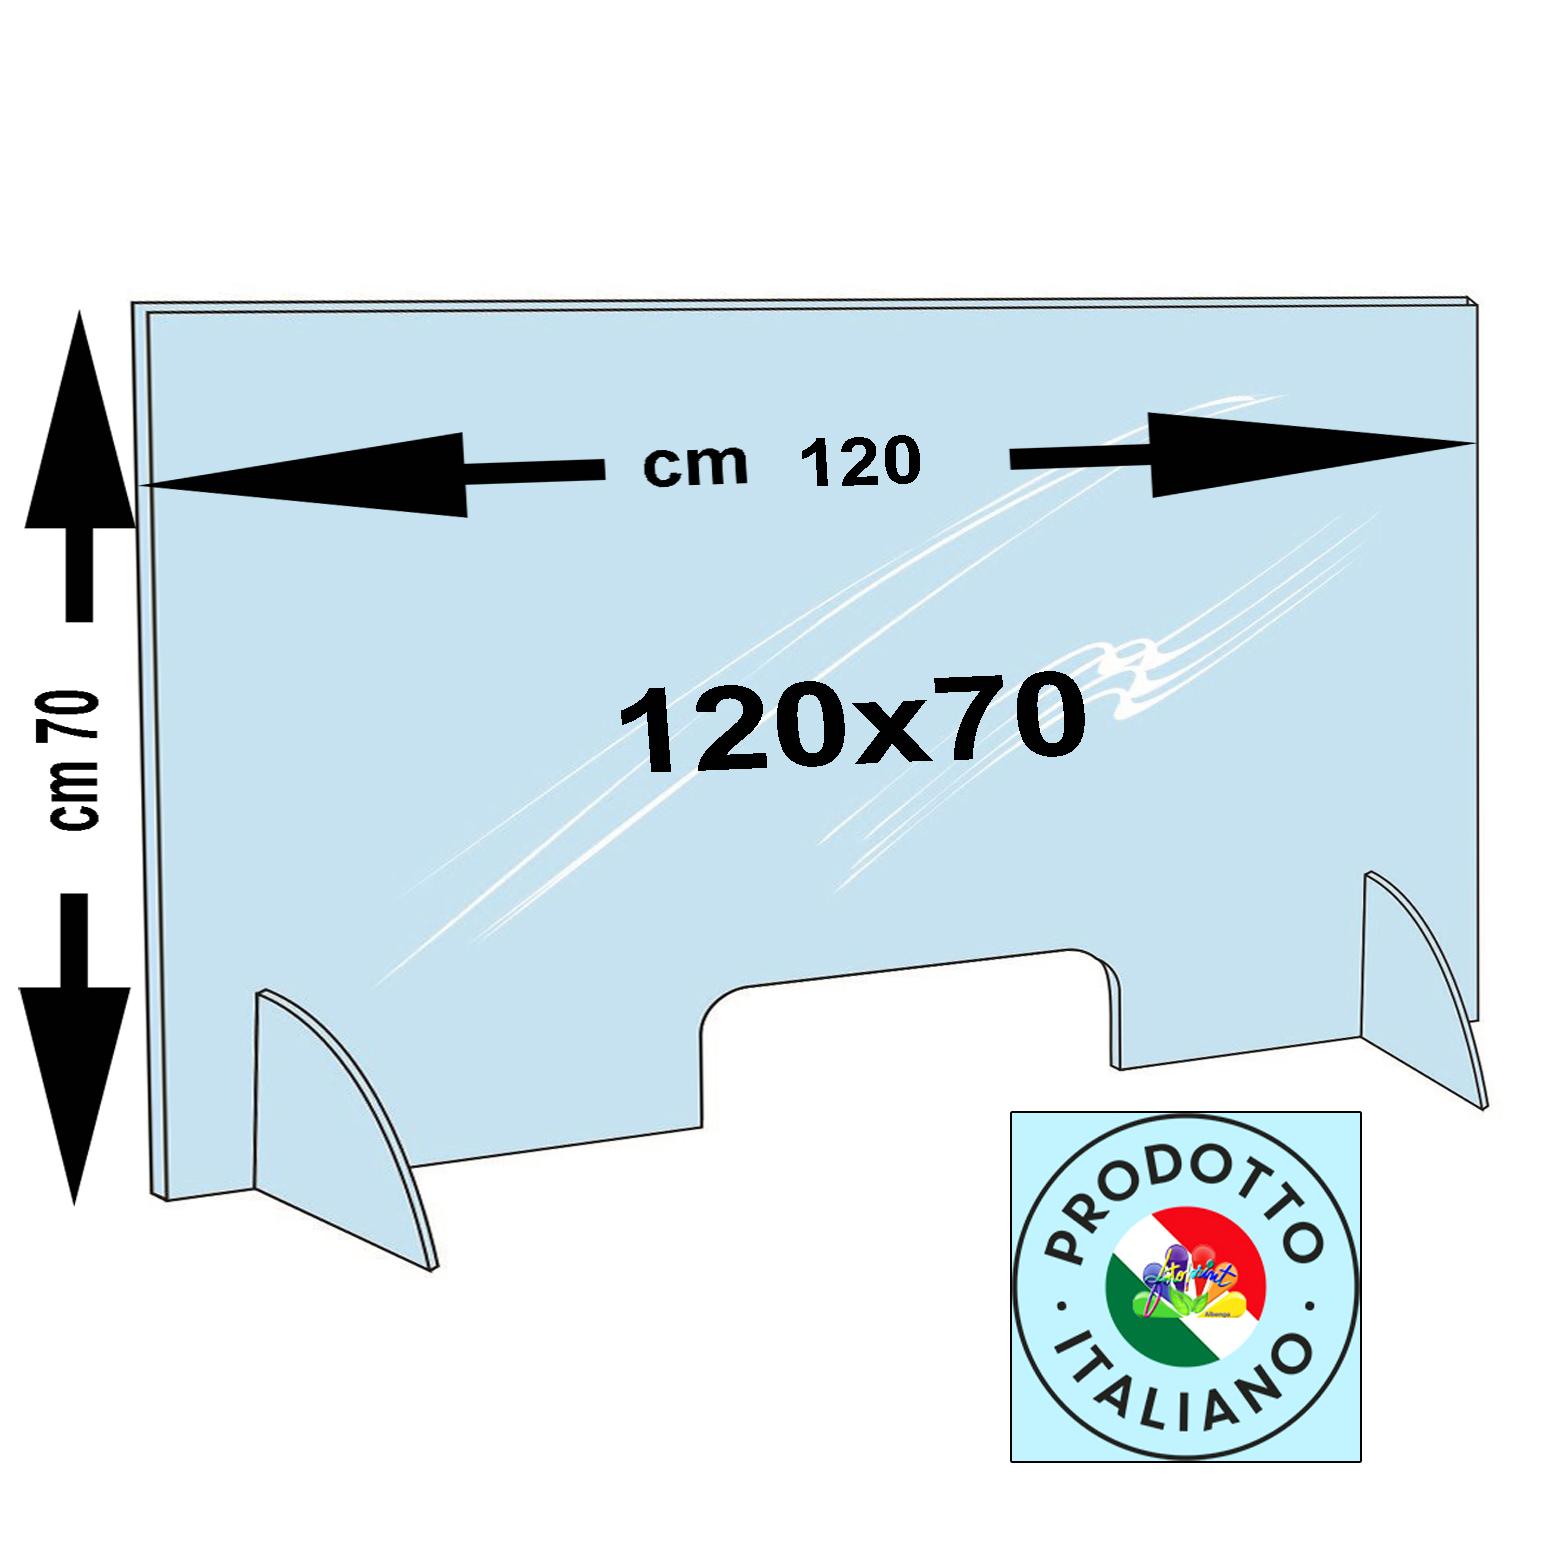 BARRIERA PERSONALIZZATA 120X70-Spessori disponibili: 3mm €.138,00 e 5mm €.158,00 - SPED.OMAGGIO